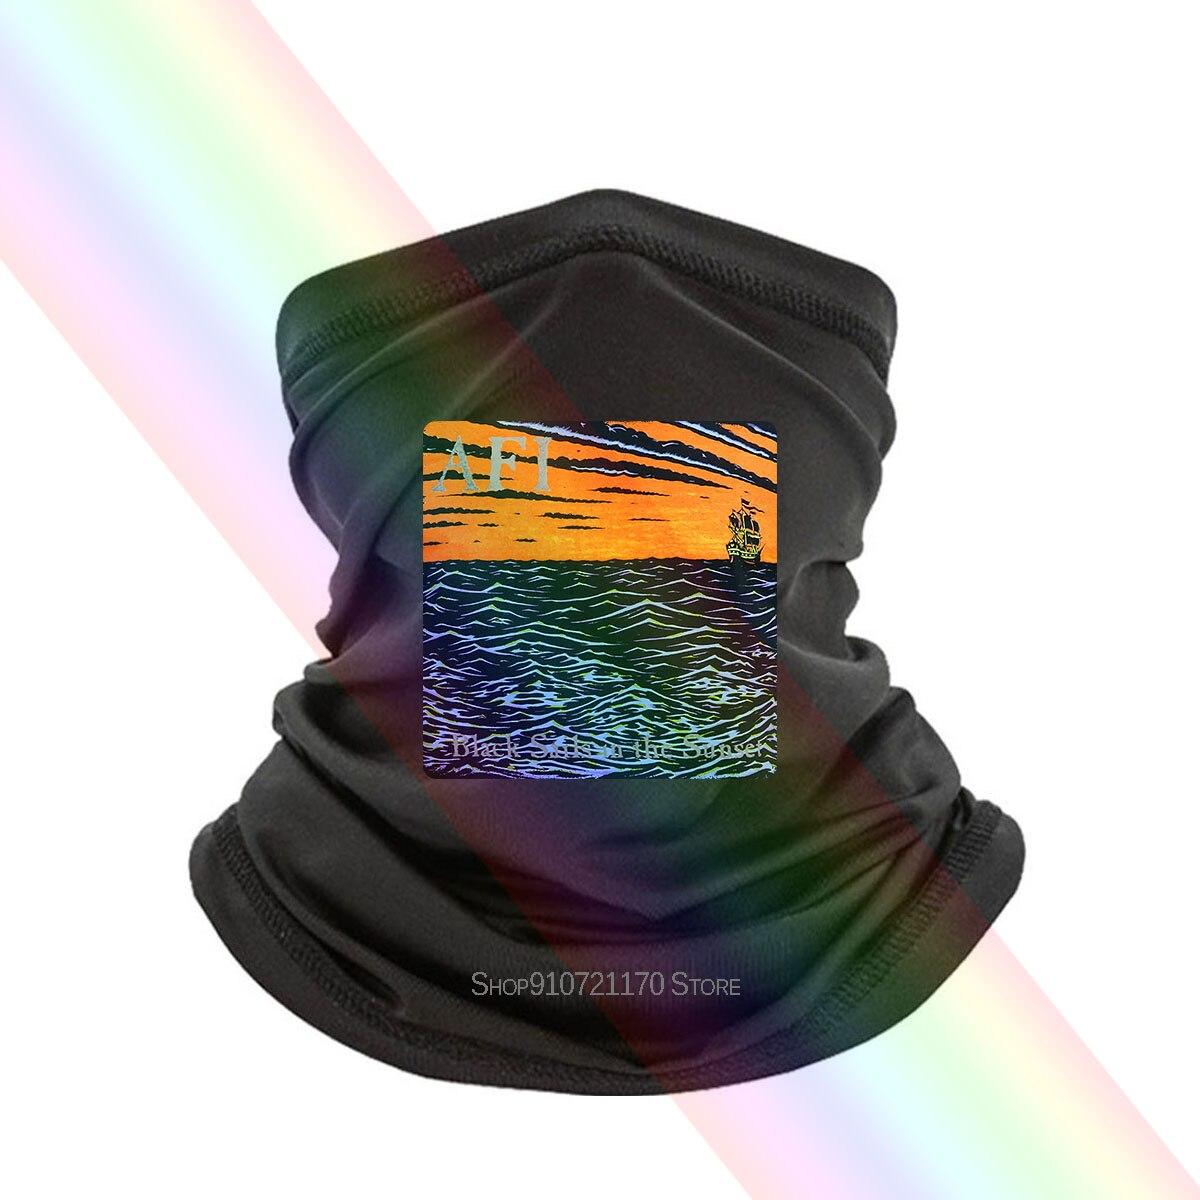 Afi-mascarilla con cubierta para álbum, pañuelo negro, S, M, L, Xl, 2Xl